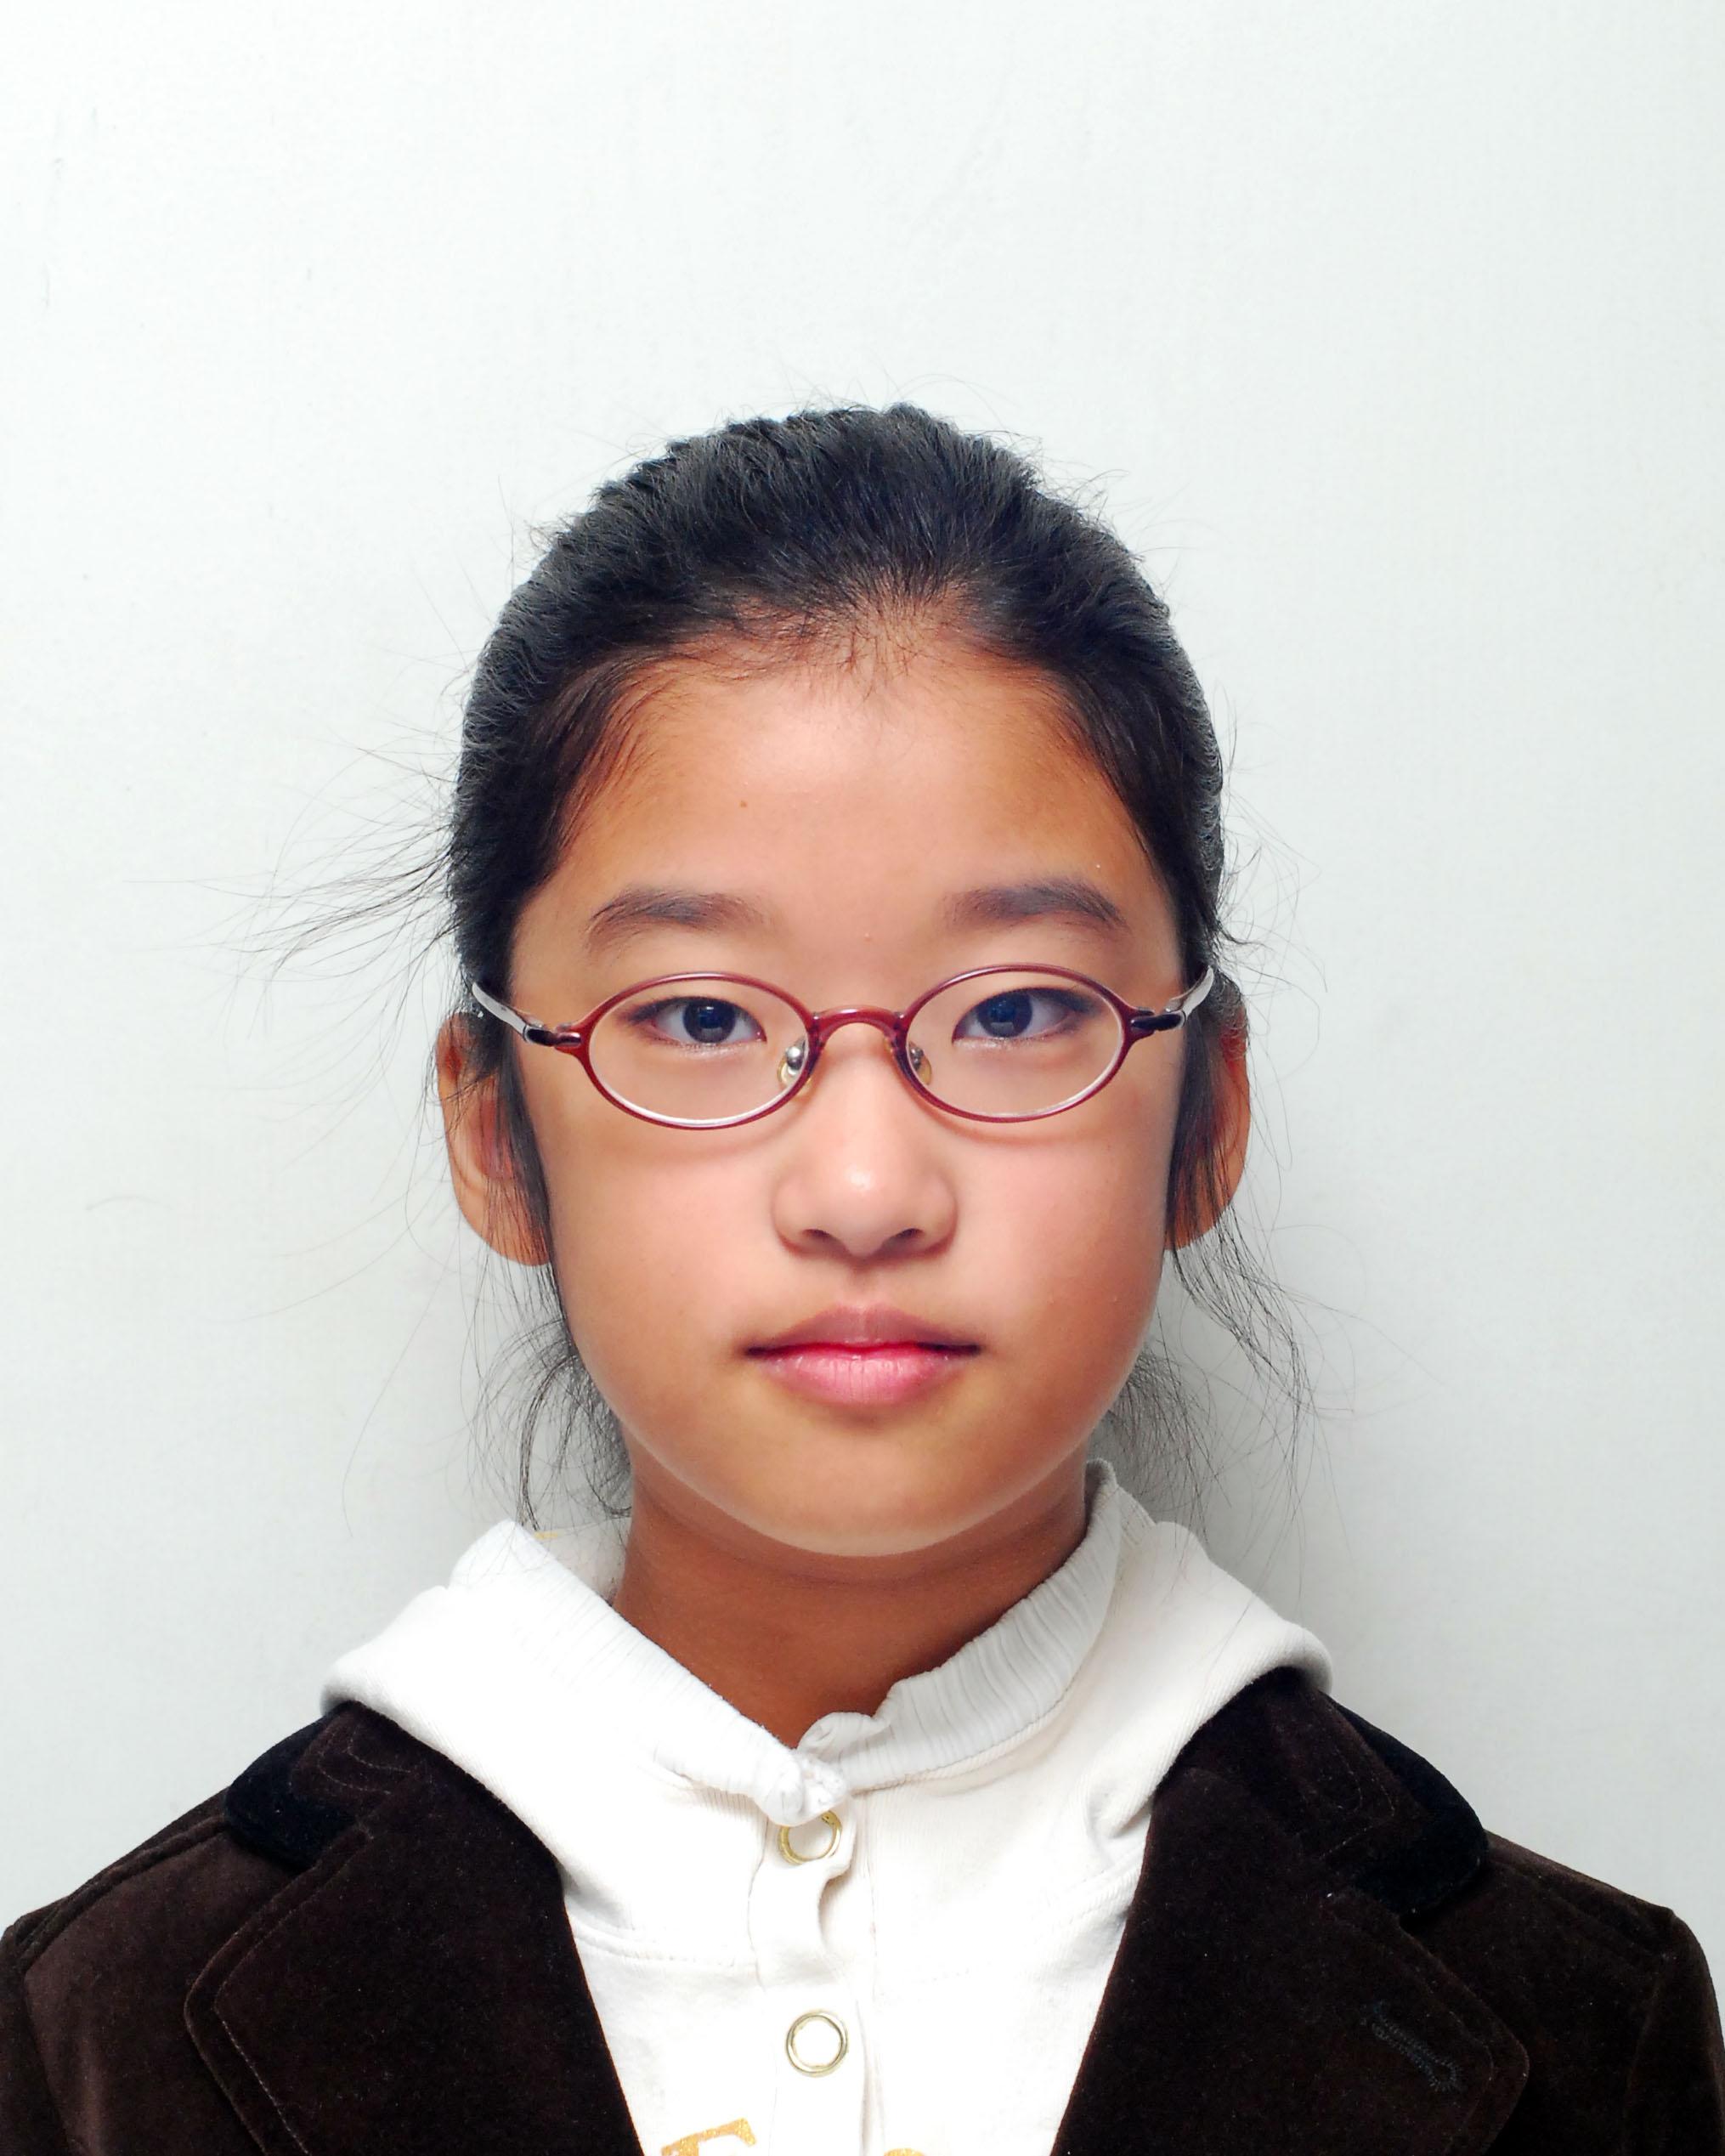 안녕하세요? 새내기 월드체인저 김강윤 입니다